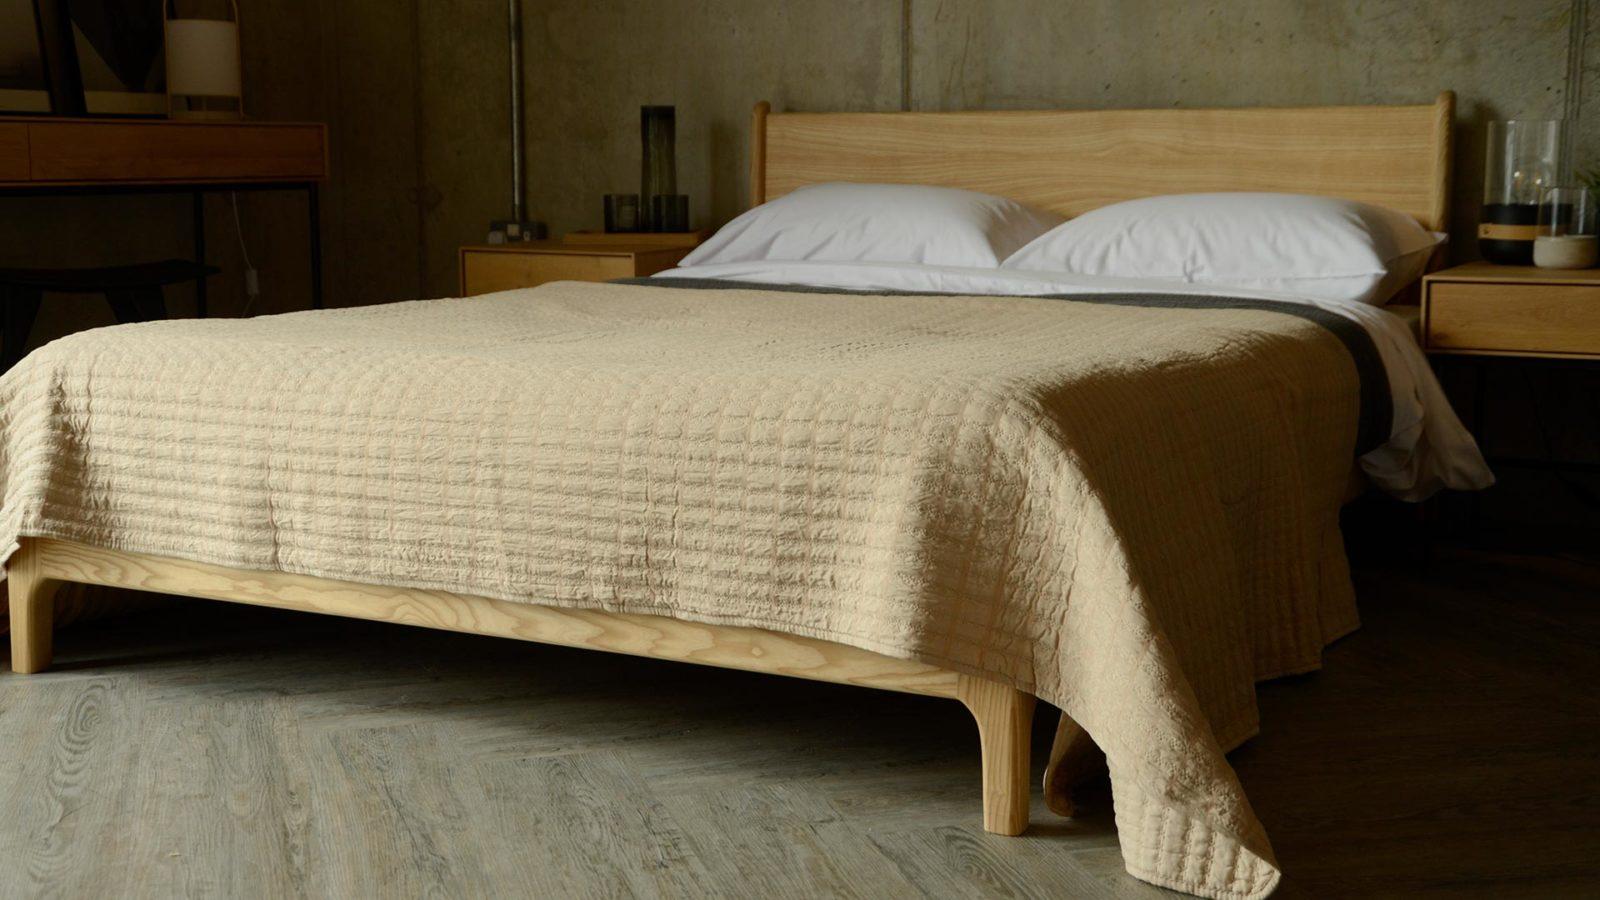 pale beige bedspread